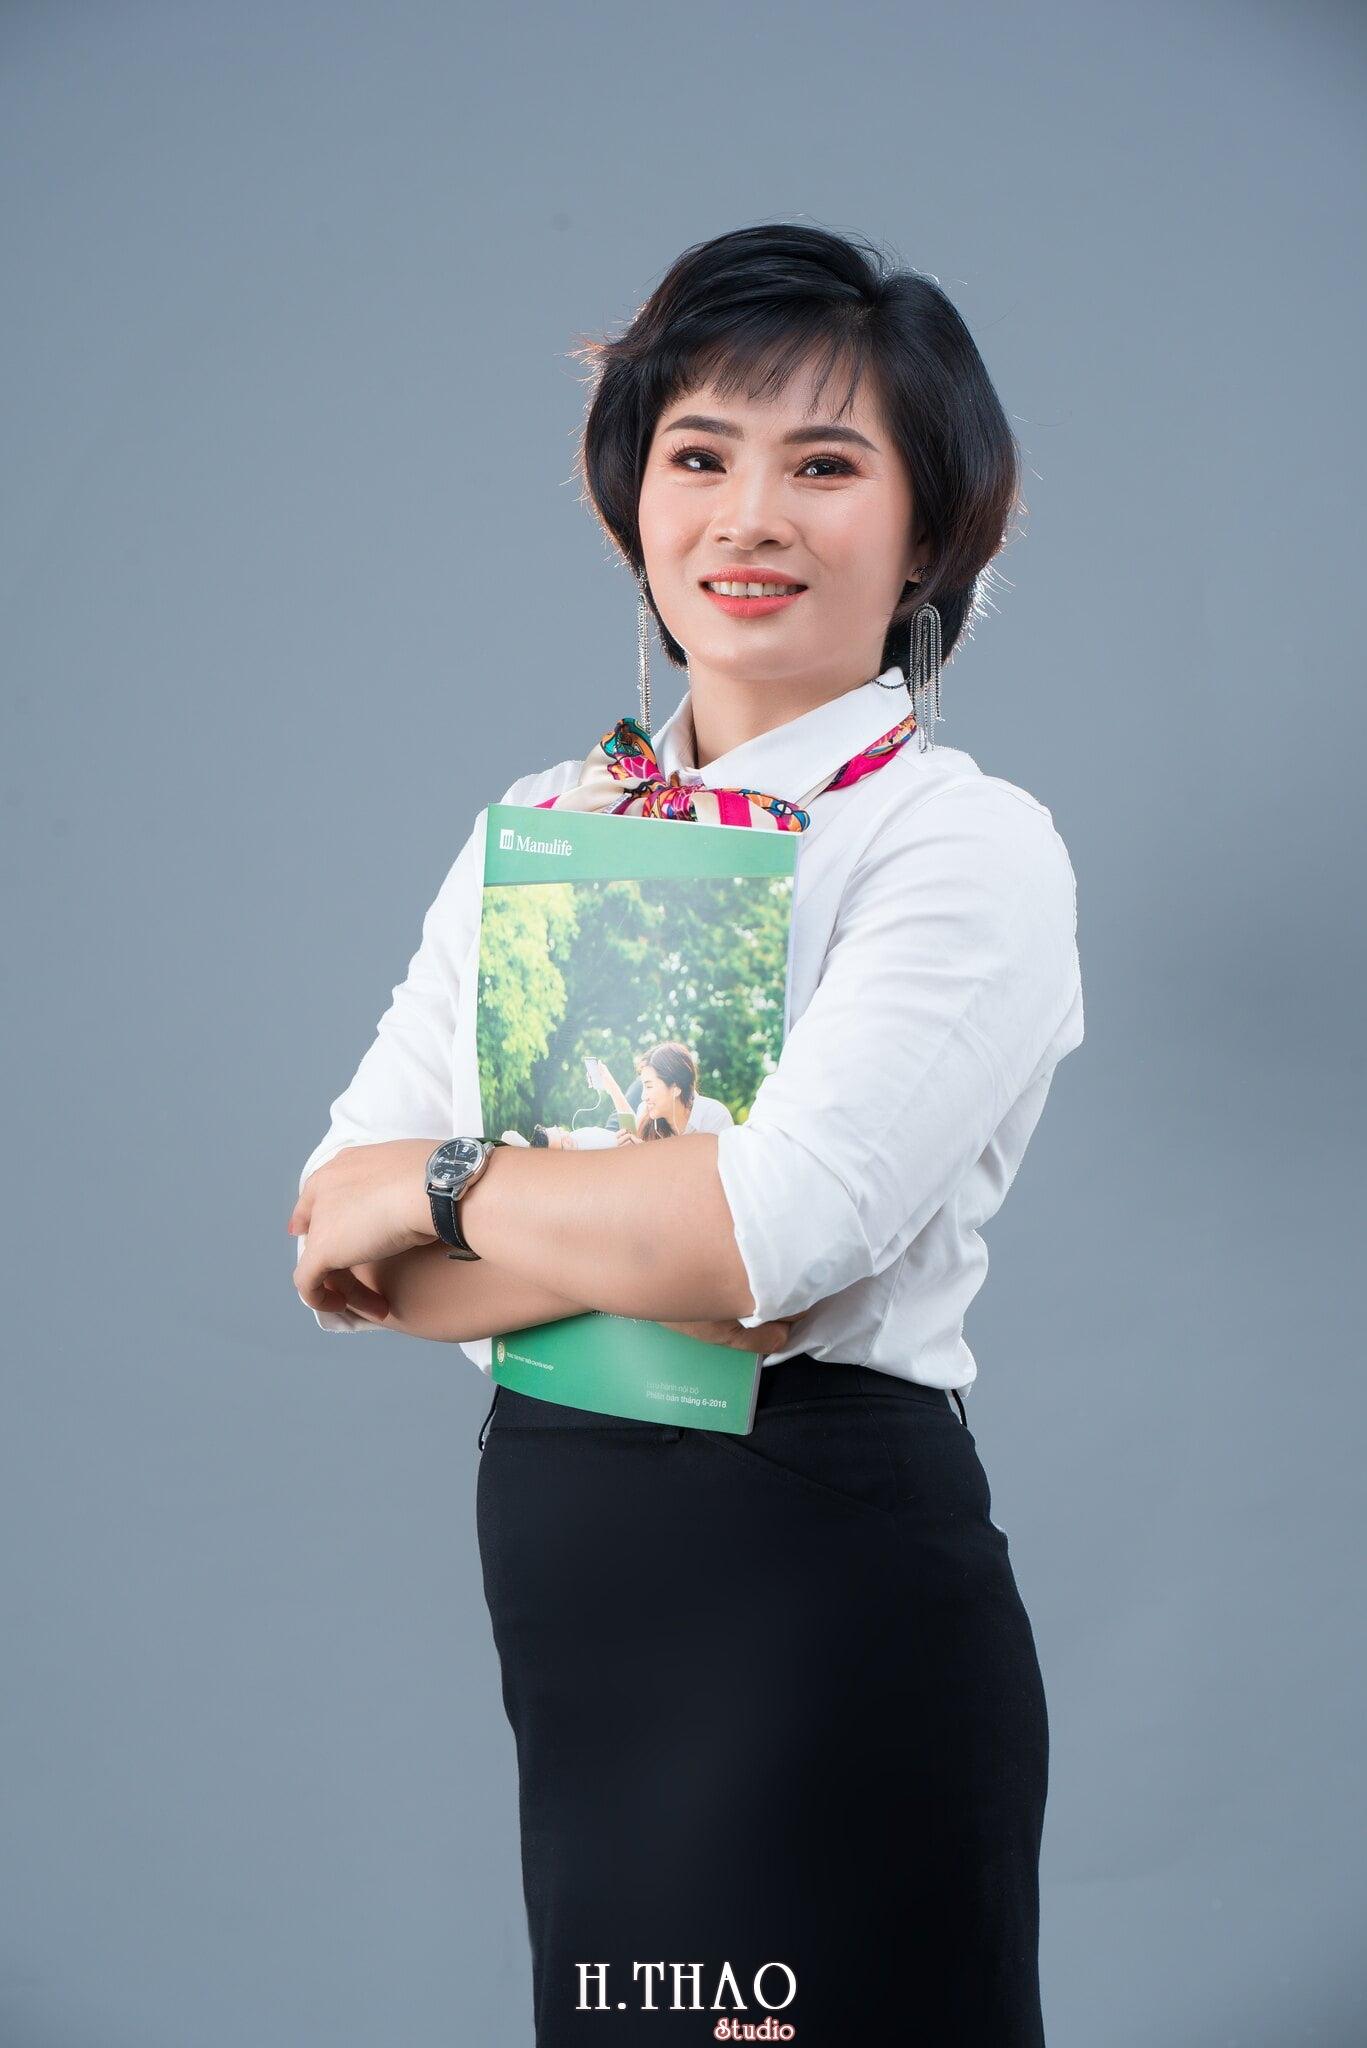 Anh profile dep - Album ảnh profile cá nhân chị Ny Manulife - HThao Studio